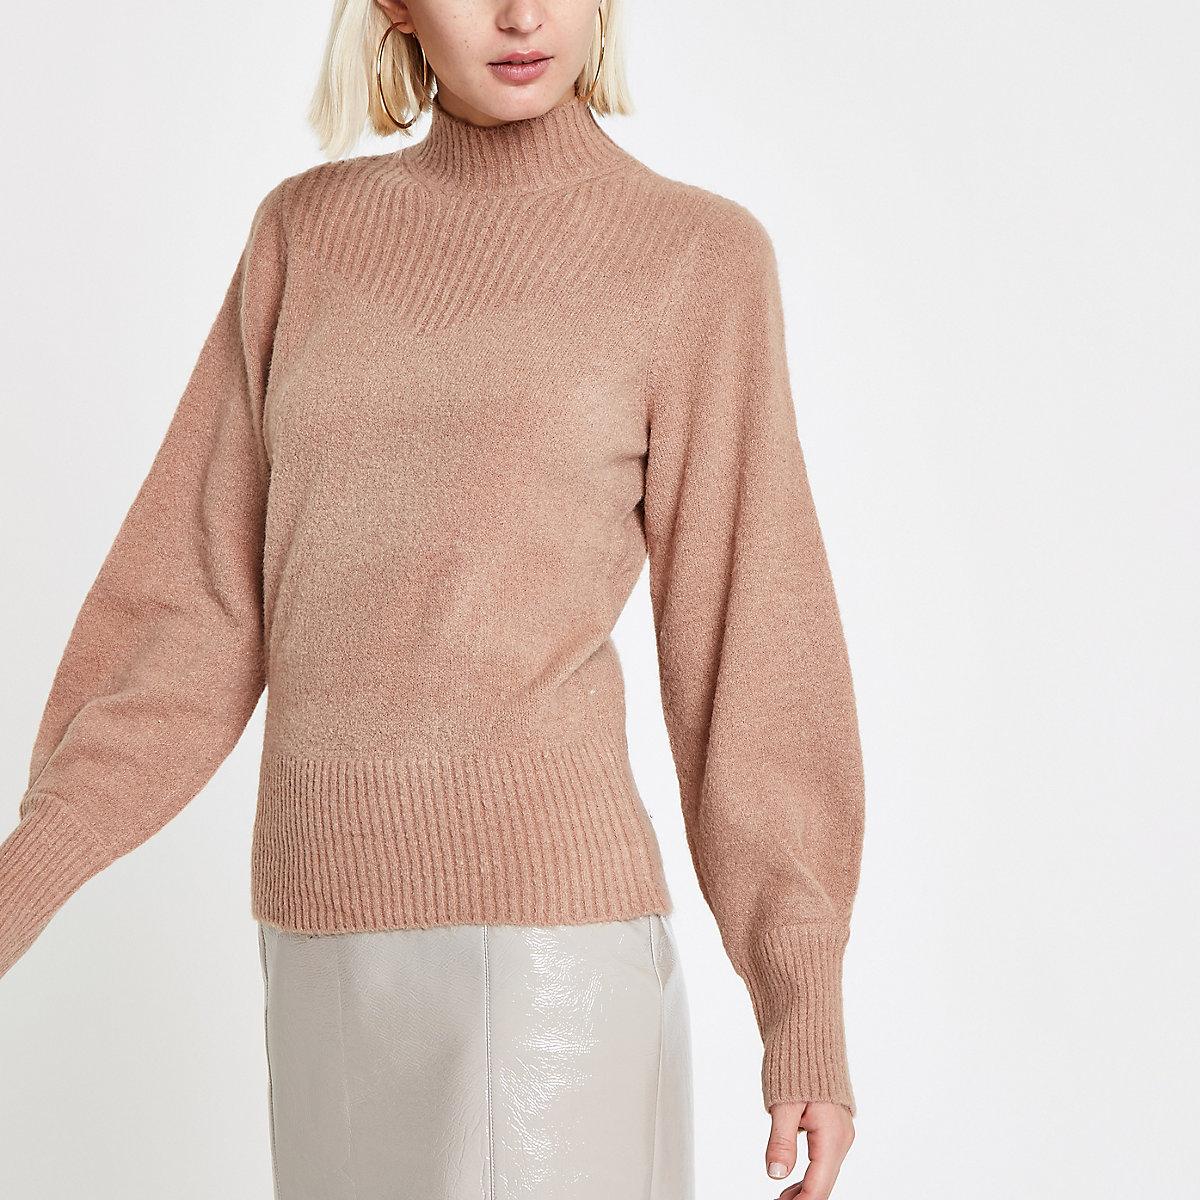 Beige knit turtle neck sweater